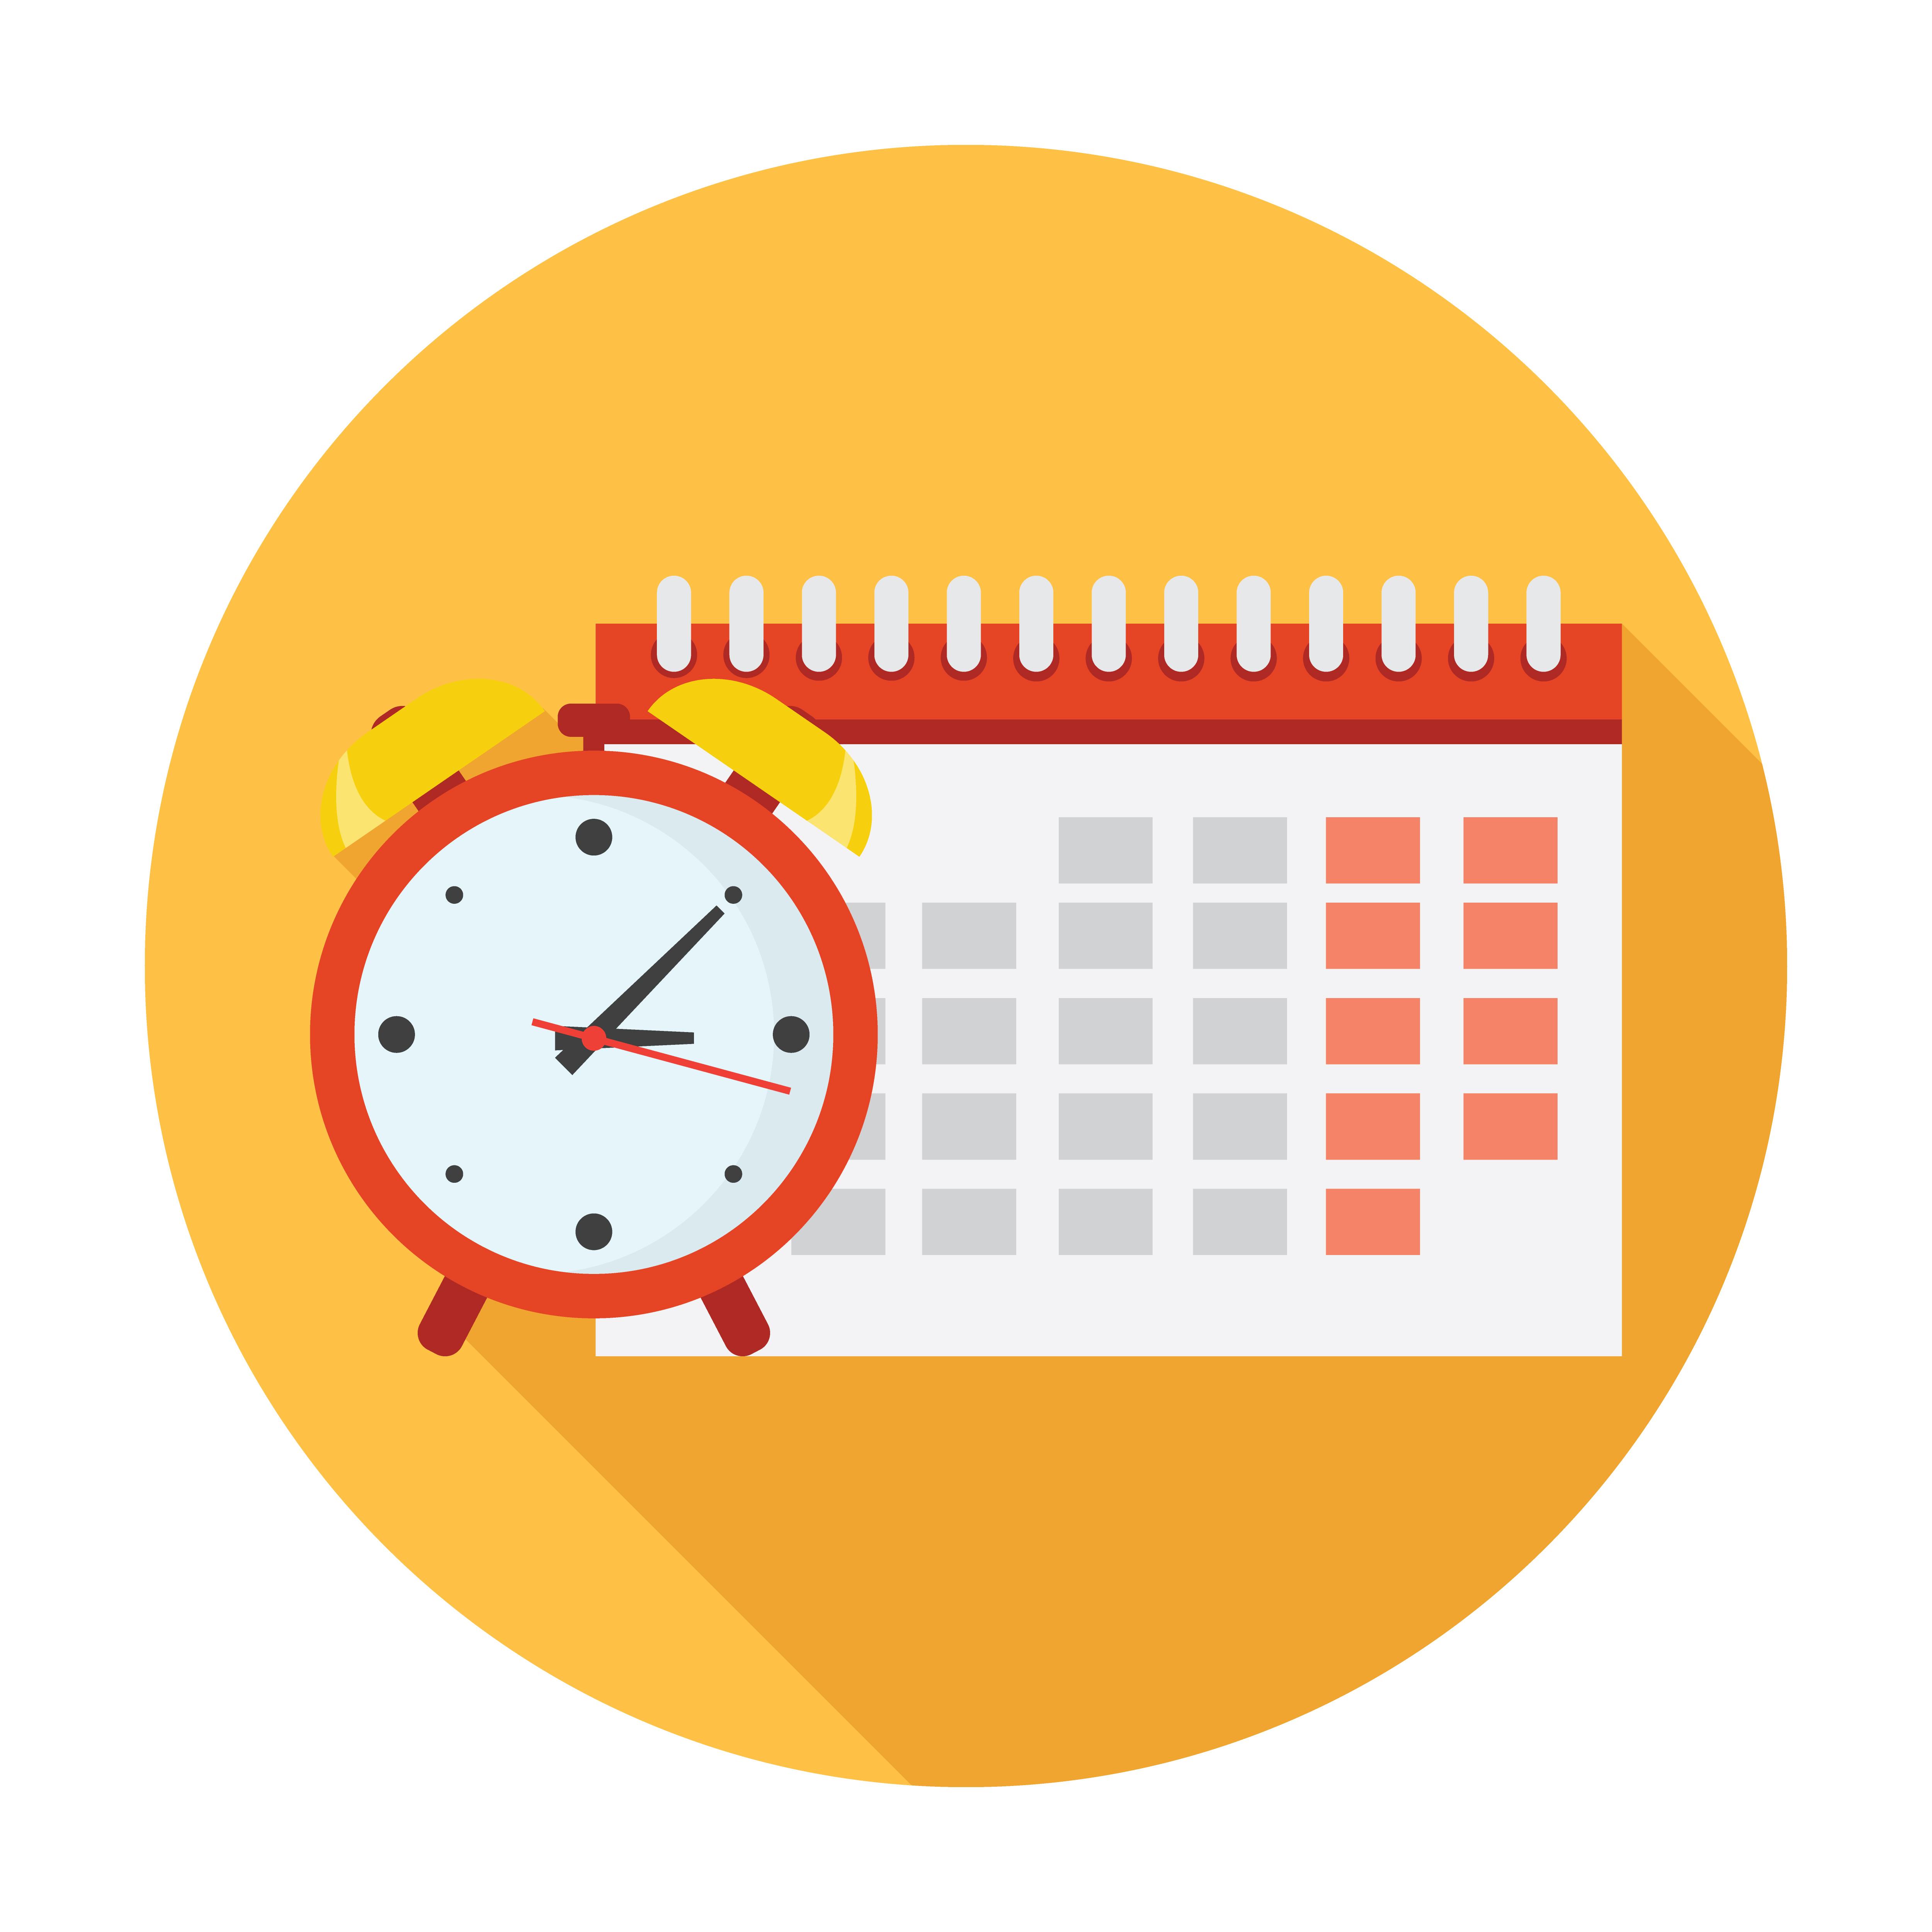 Webinaire GRATUIT! « Je le ferai demain » : stratégies d'intervention pour prévenir la procrastination dans les études